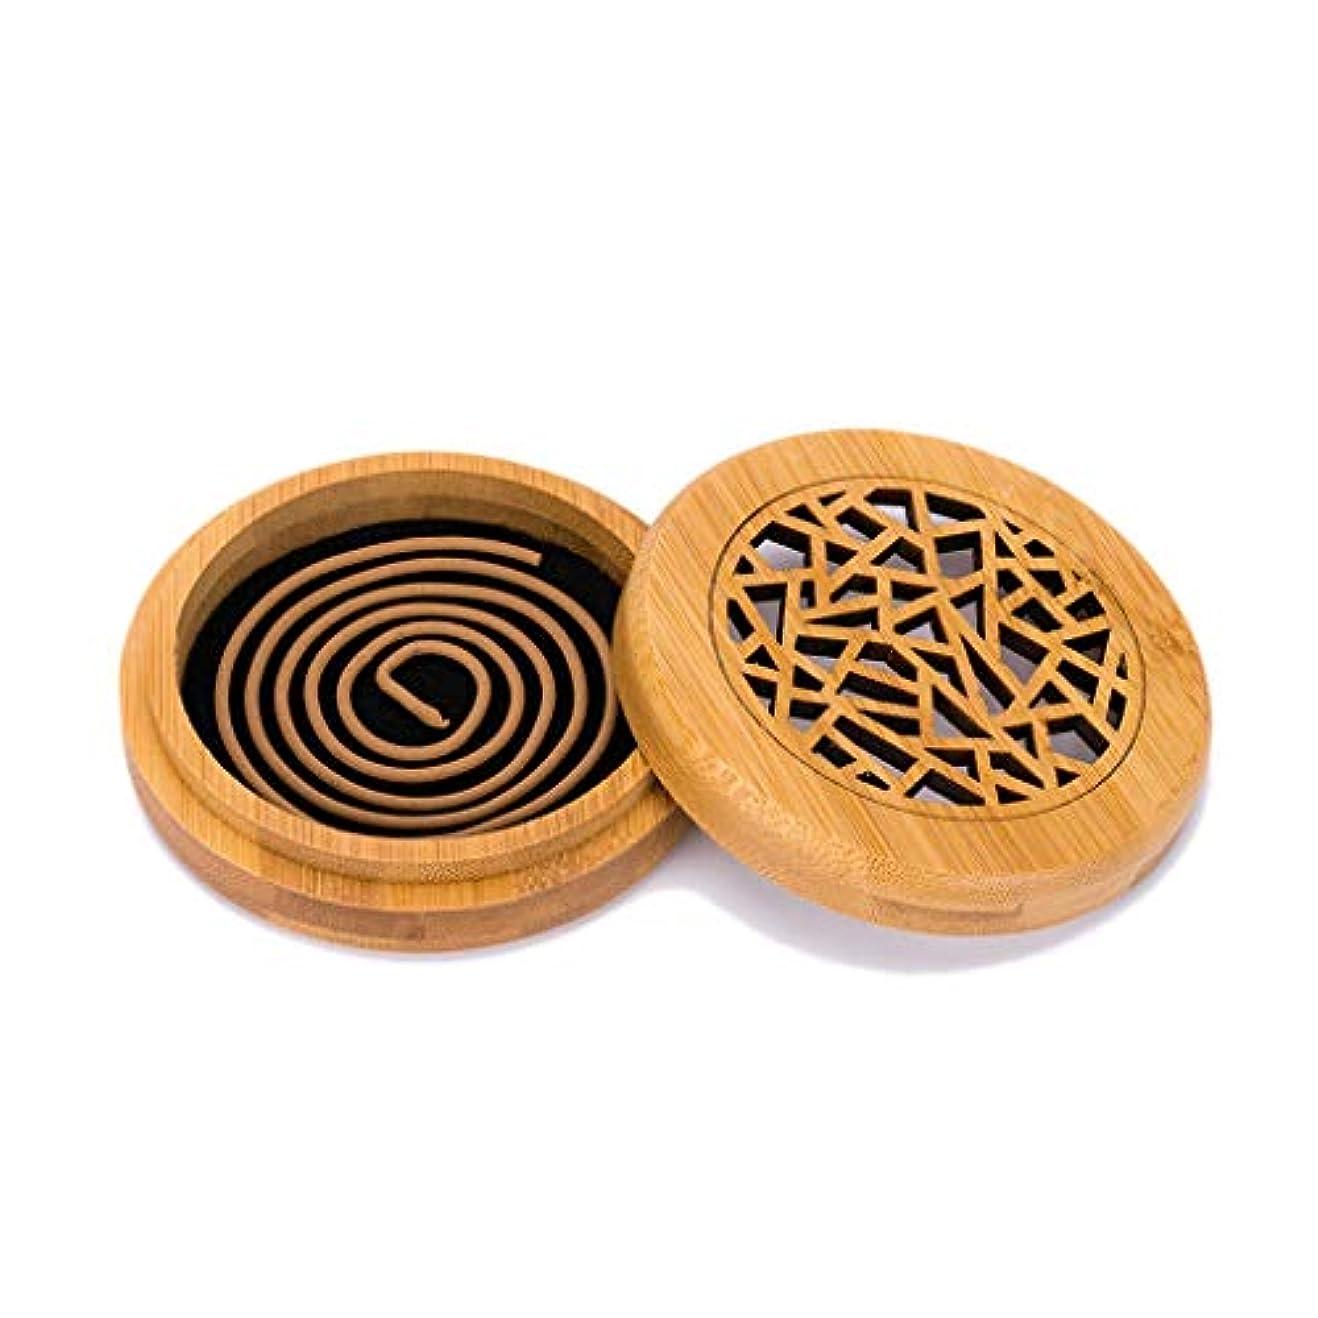 ソファースケートイベント木製香炉コイル香スティックコーンバーナーホルダー部屋の装飾瞑想竹アッシュキャッチャー香ホルダー (Color : Wood, サイズ : Round)